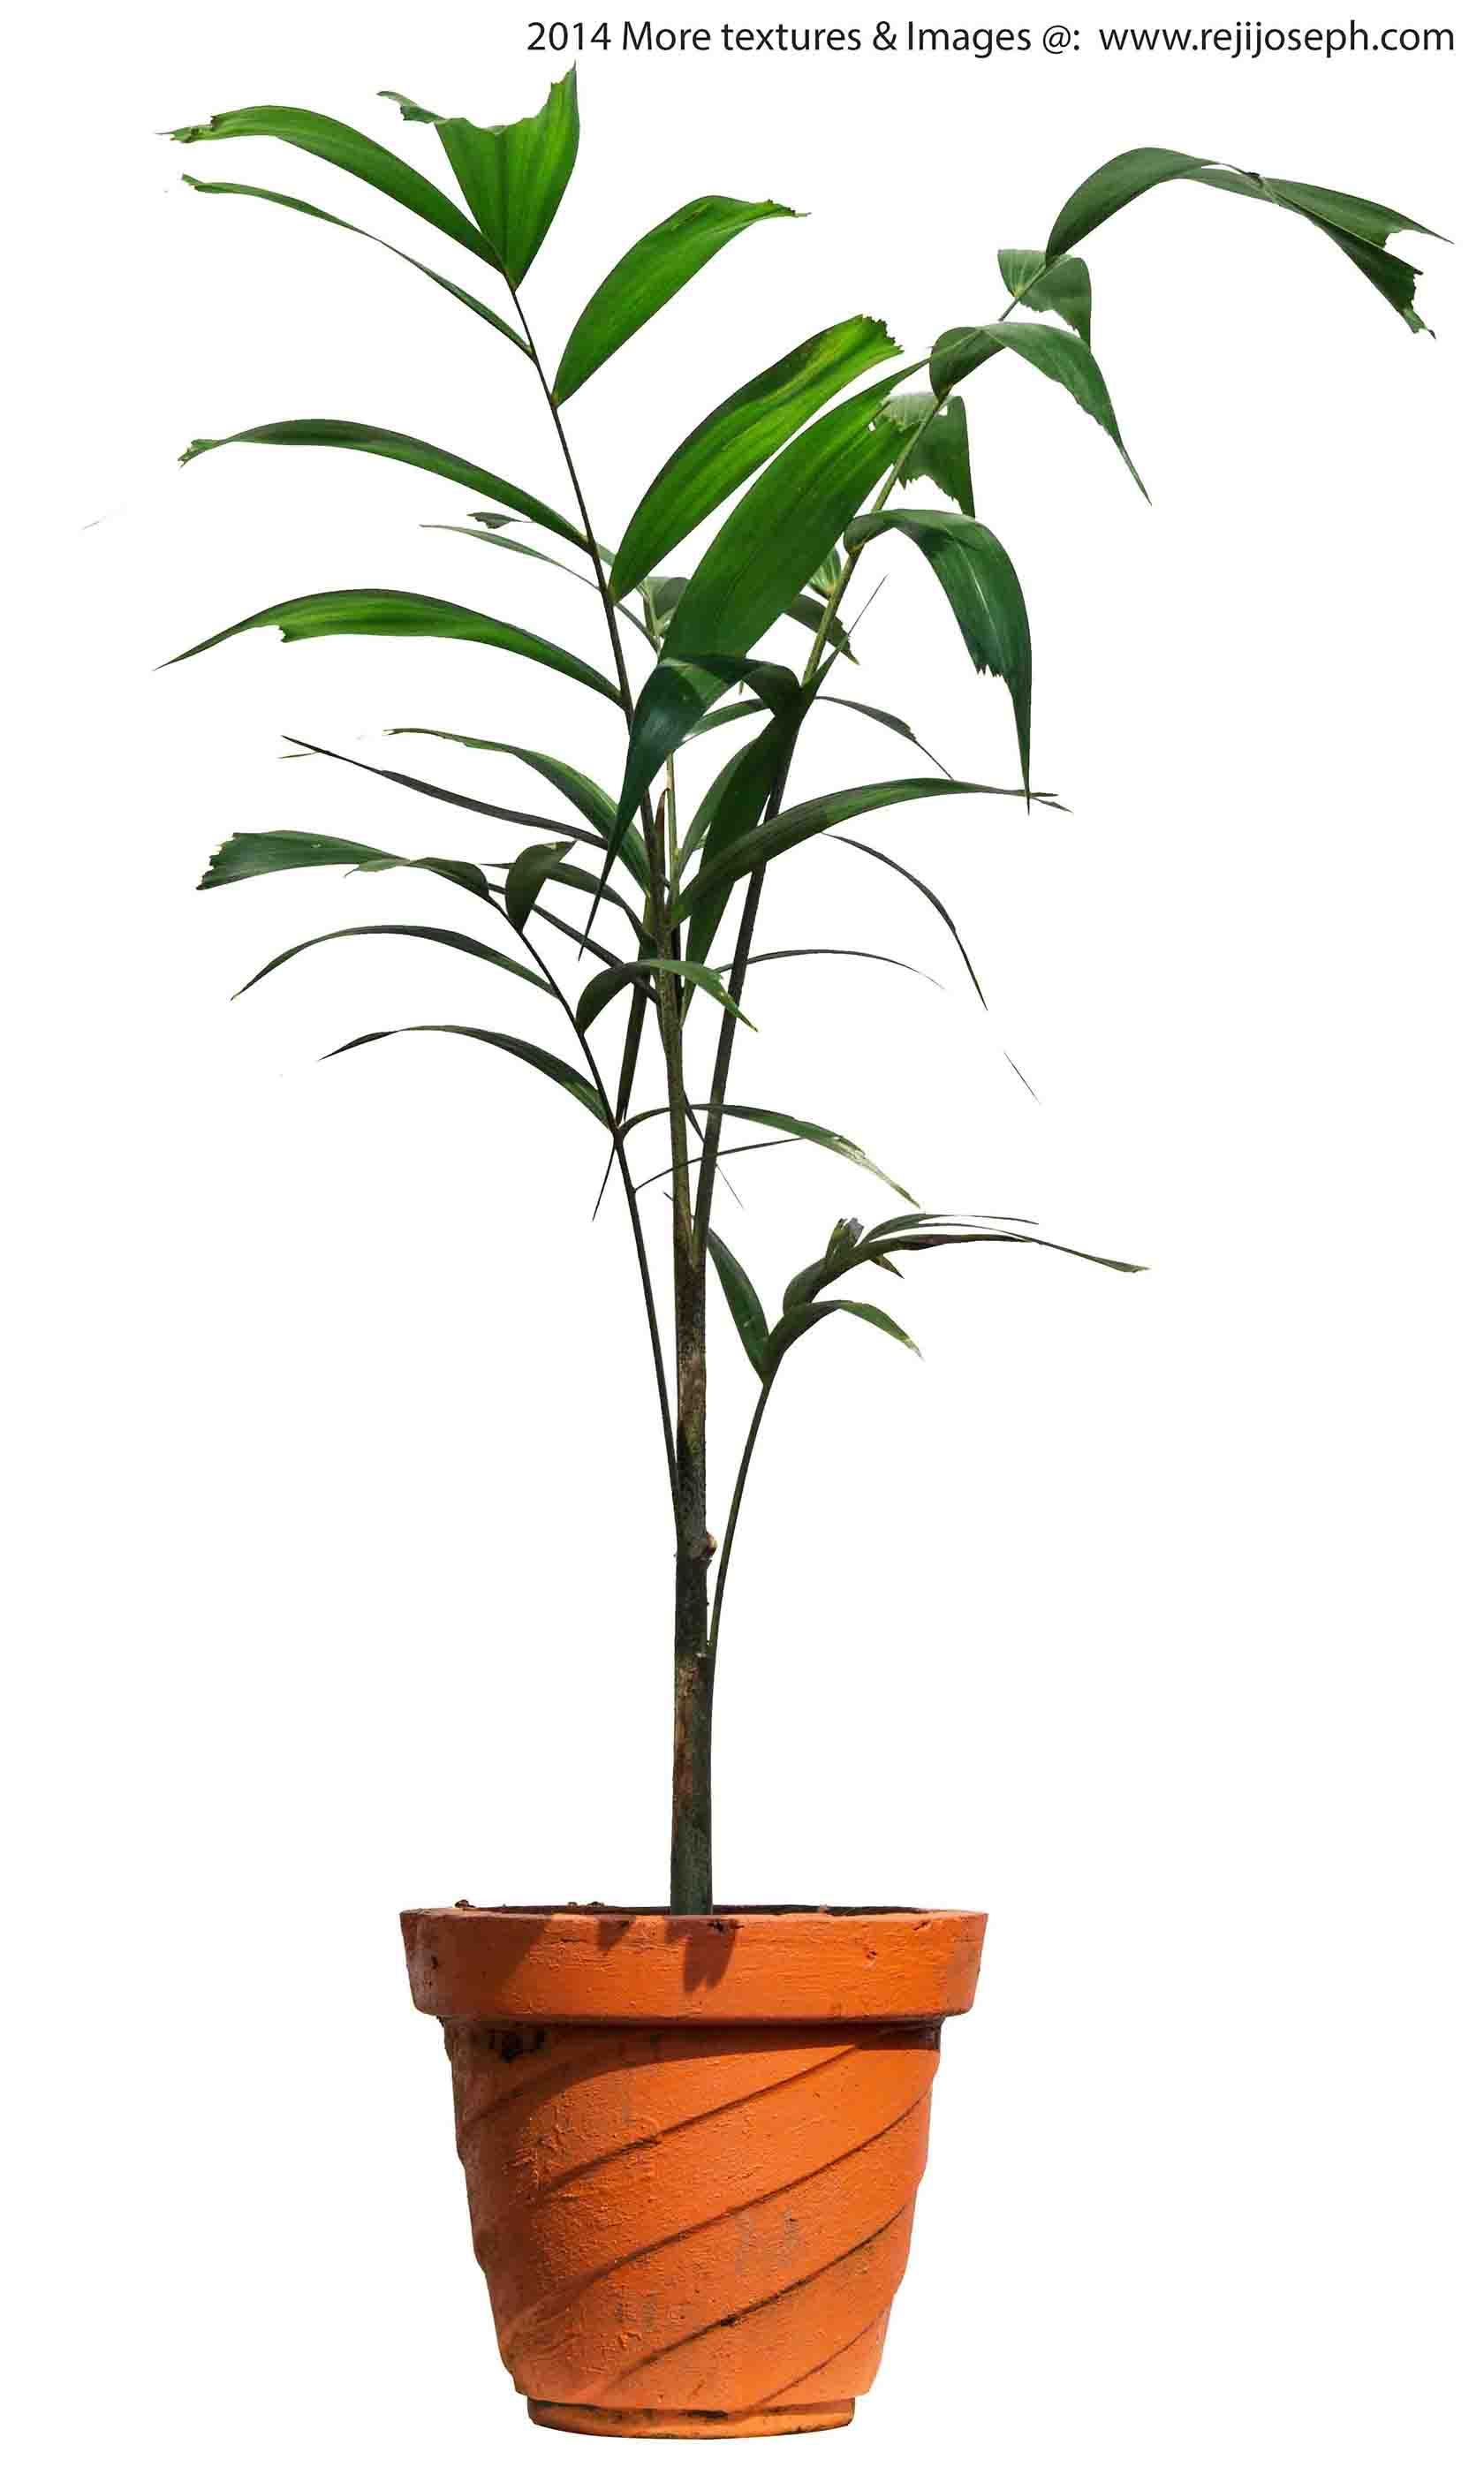 Ground Rattan Garden Plant Texture 00004